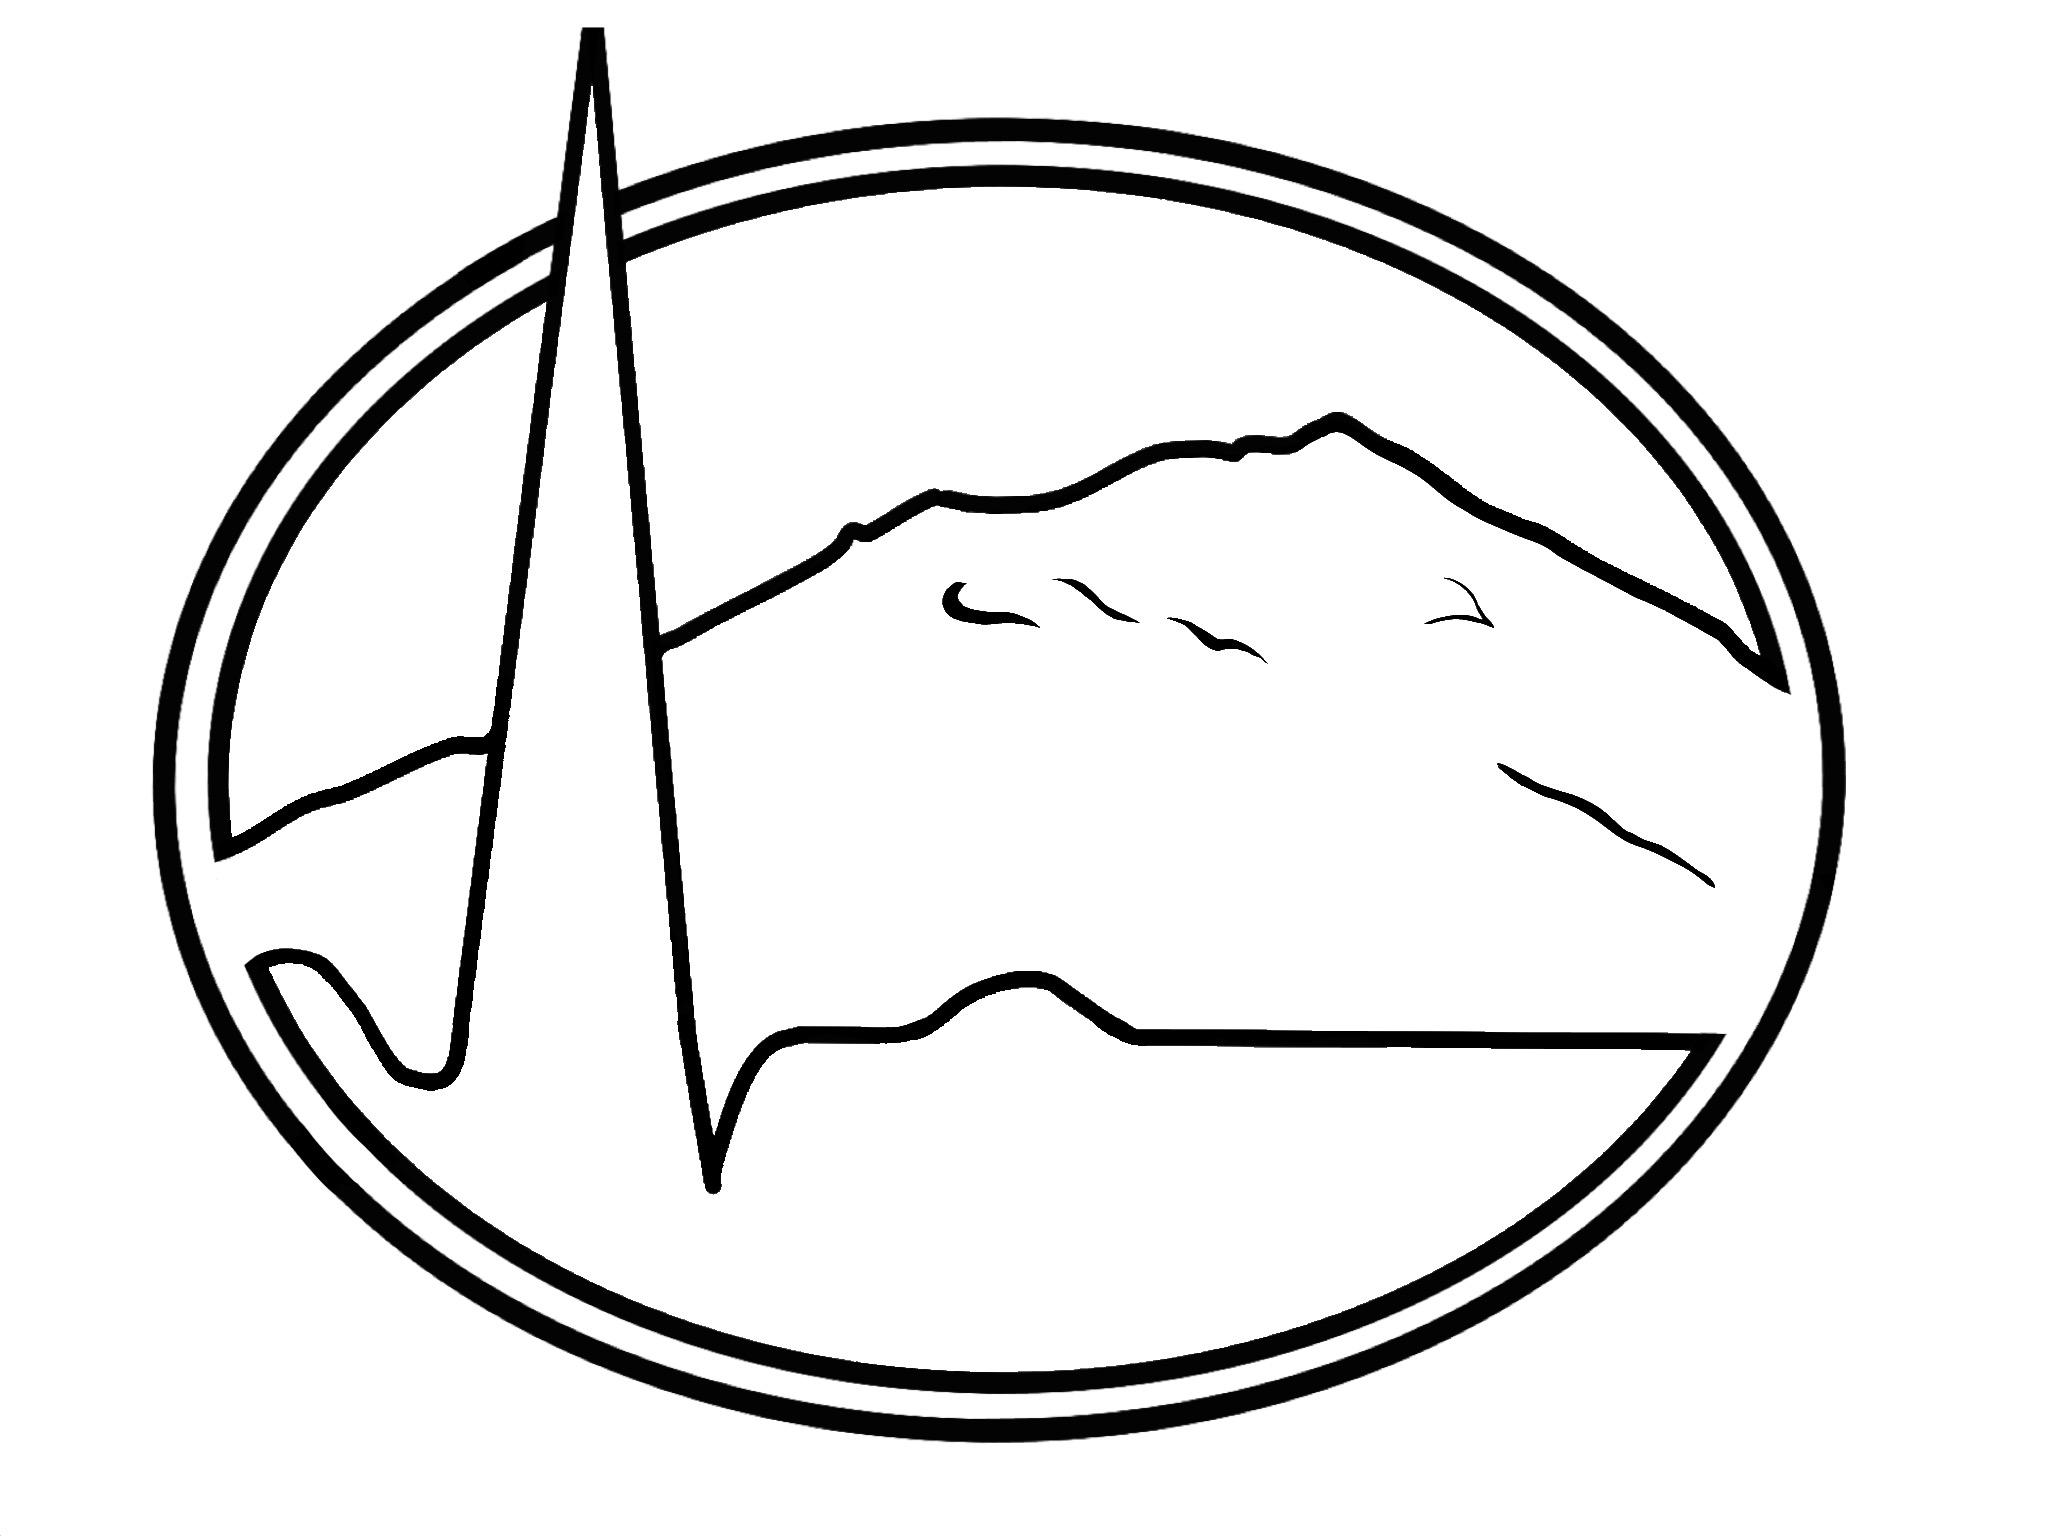 Logo - Outline.JPG